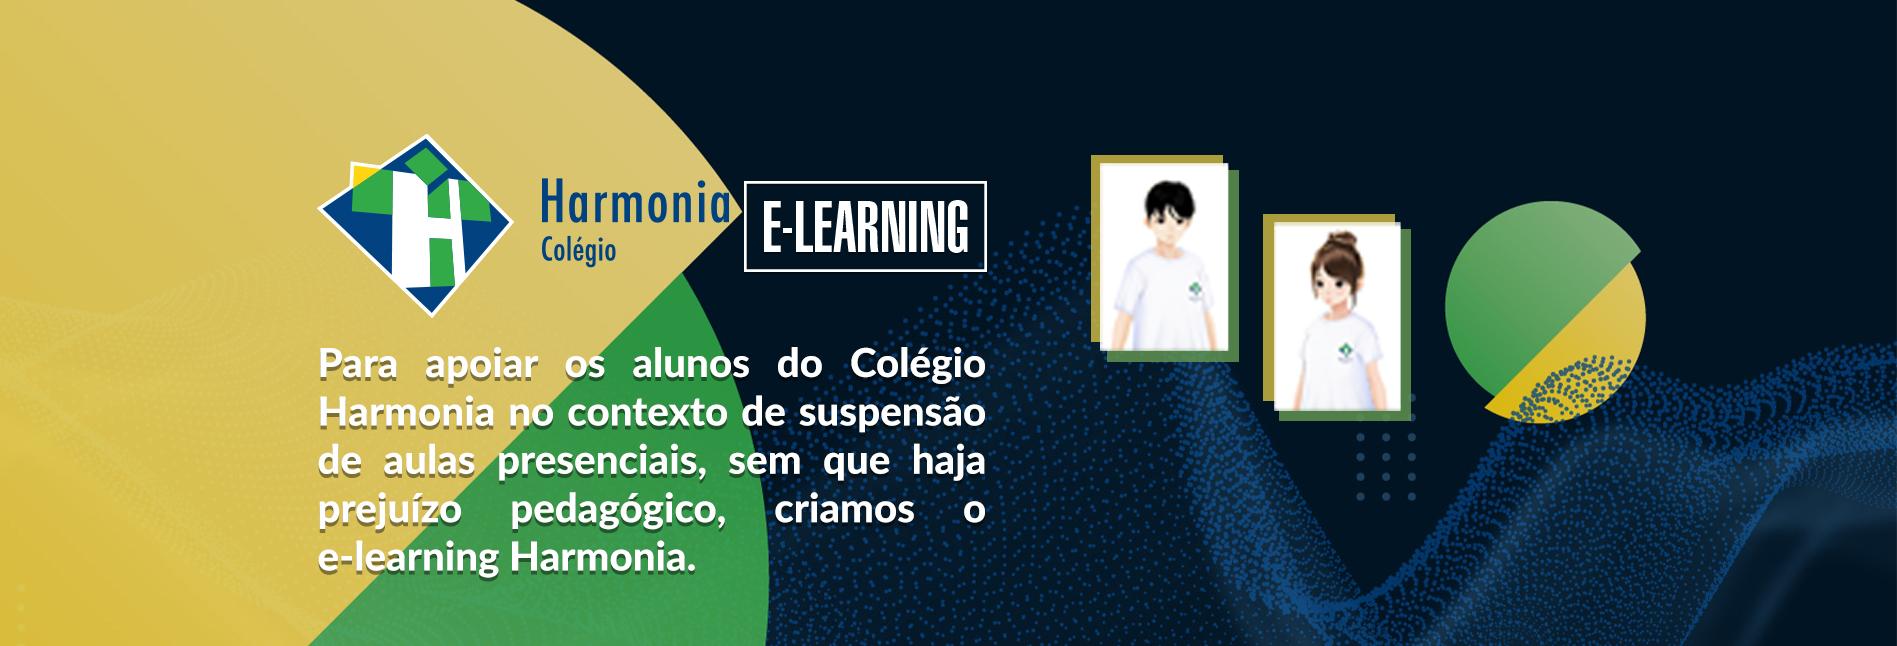 e-learning Harmonia